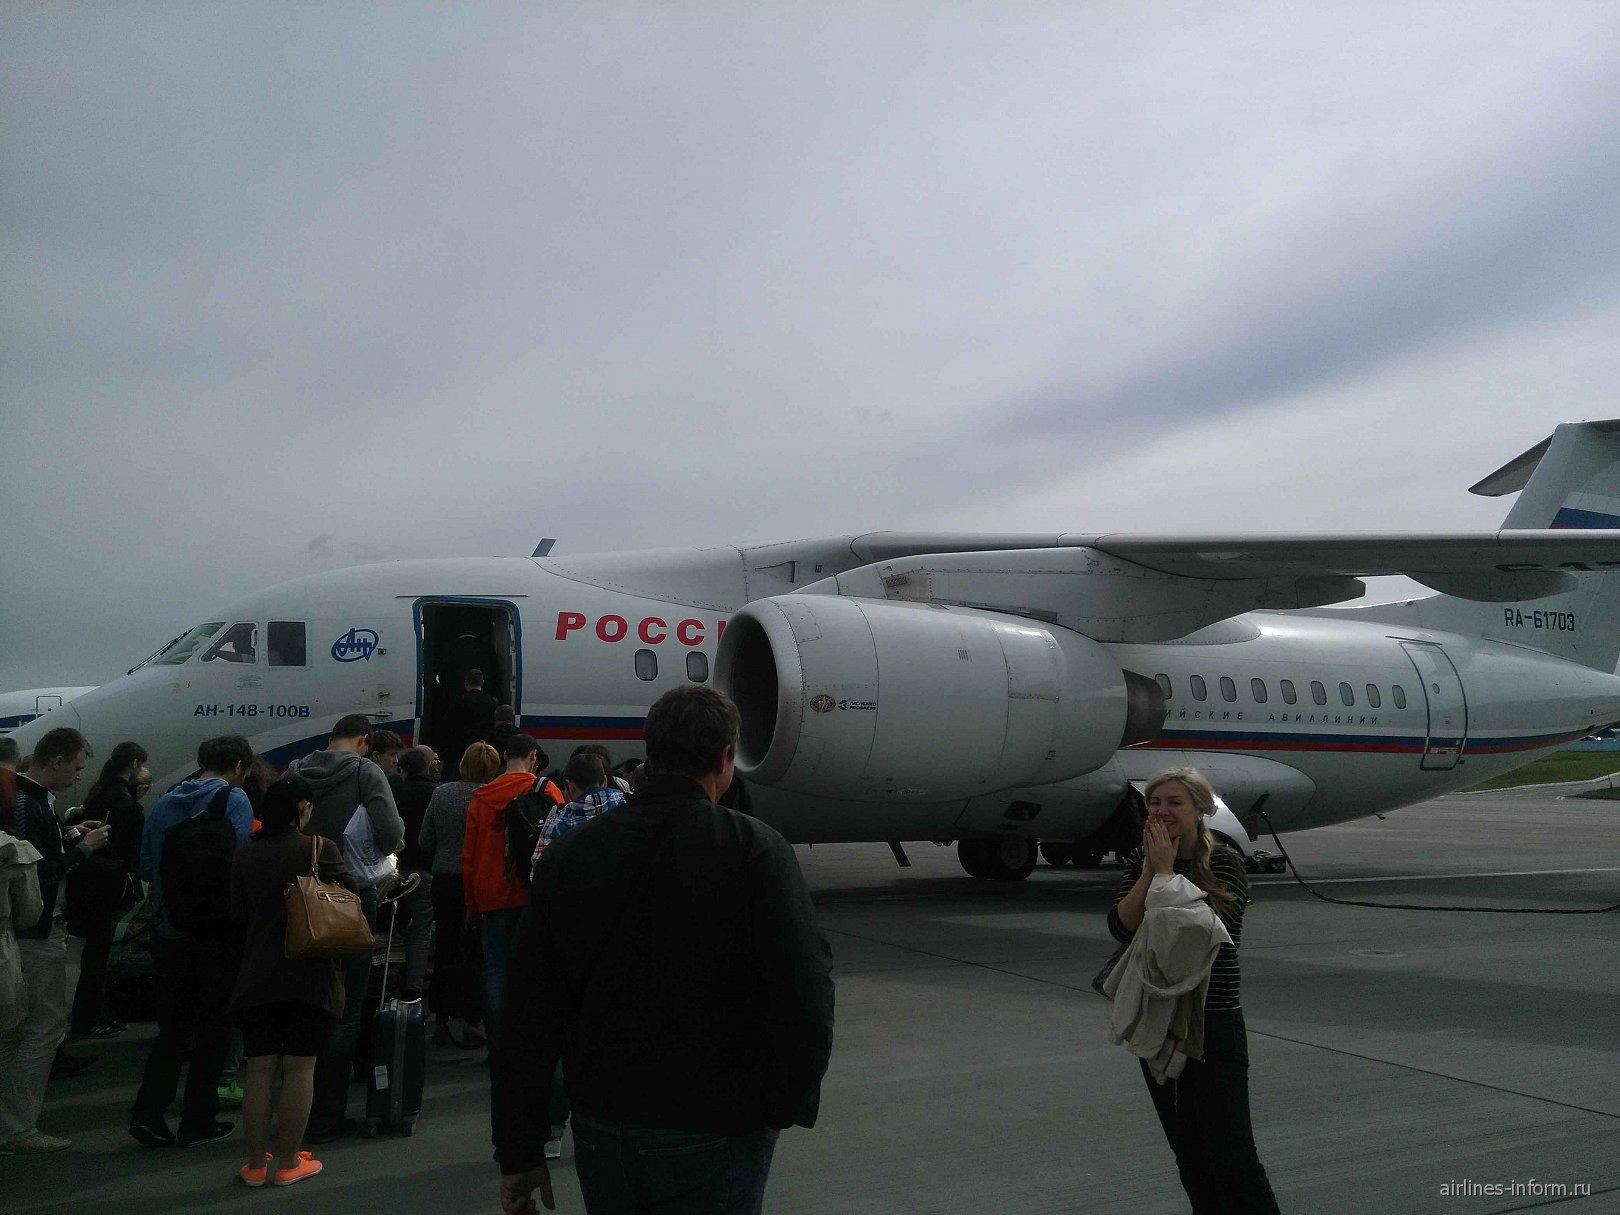 Обзор перелета а/к Россия Минск-Спб-Тиват, часть первая рейс SU6810 Минск-СПб на Ан-148